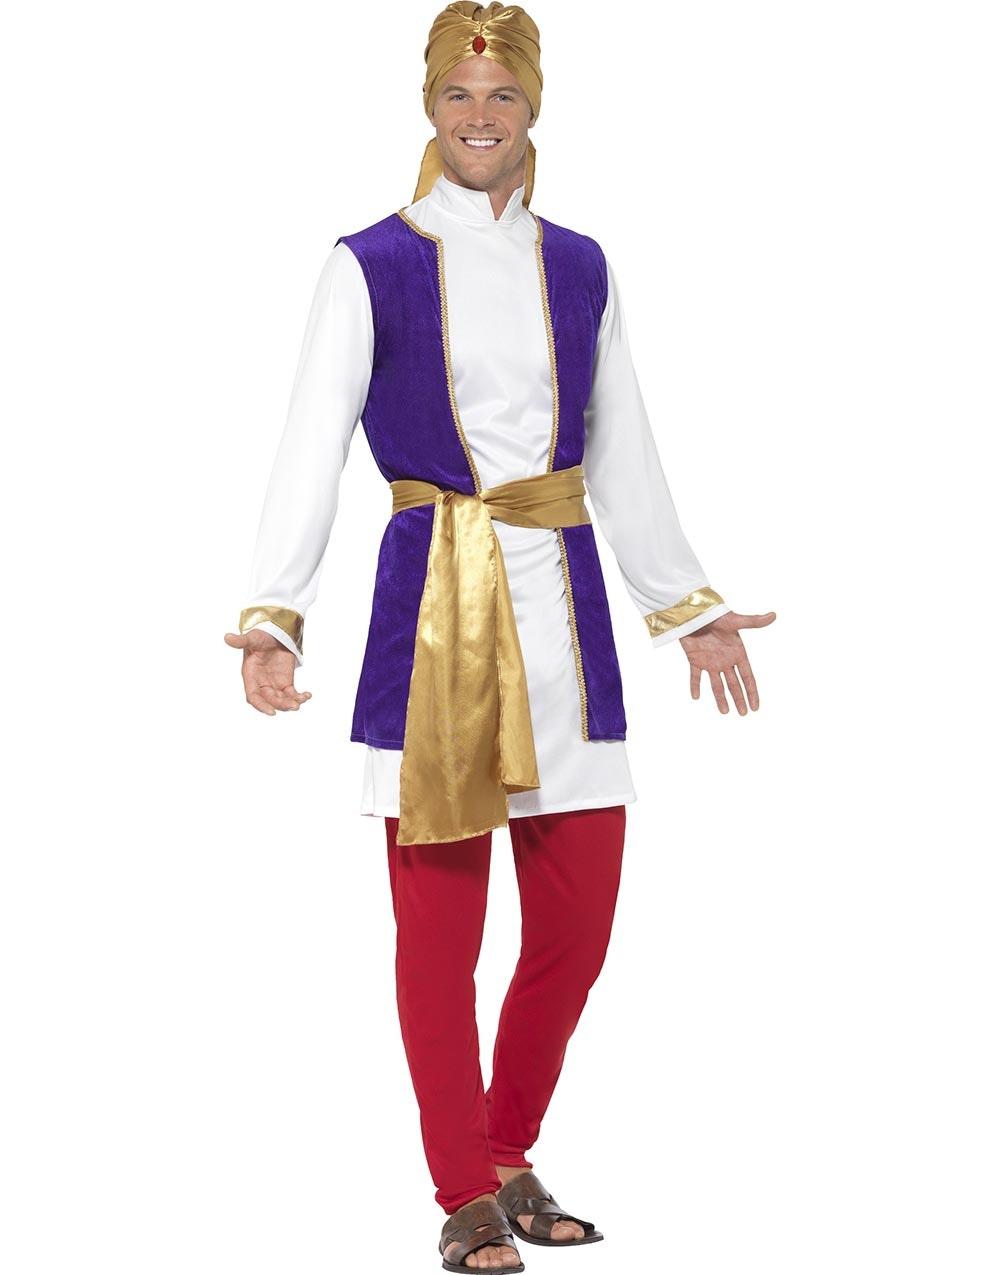 billige kostymer til voksne triana iglesias xxx